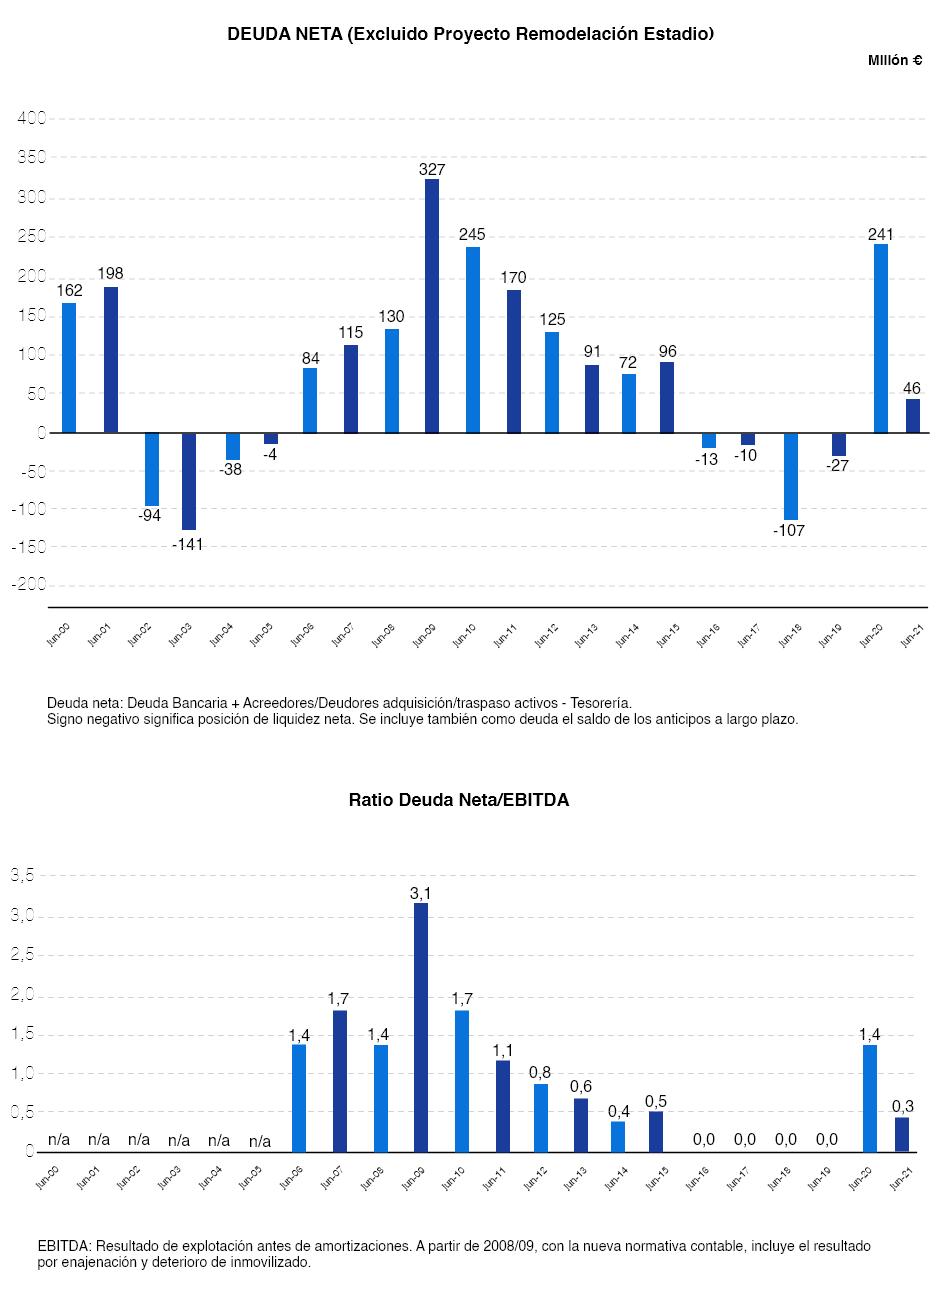 Чистий борг і співвідношення боргу/EBITDA